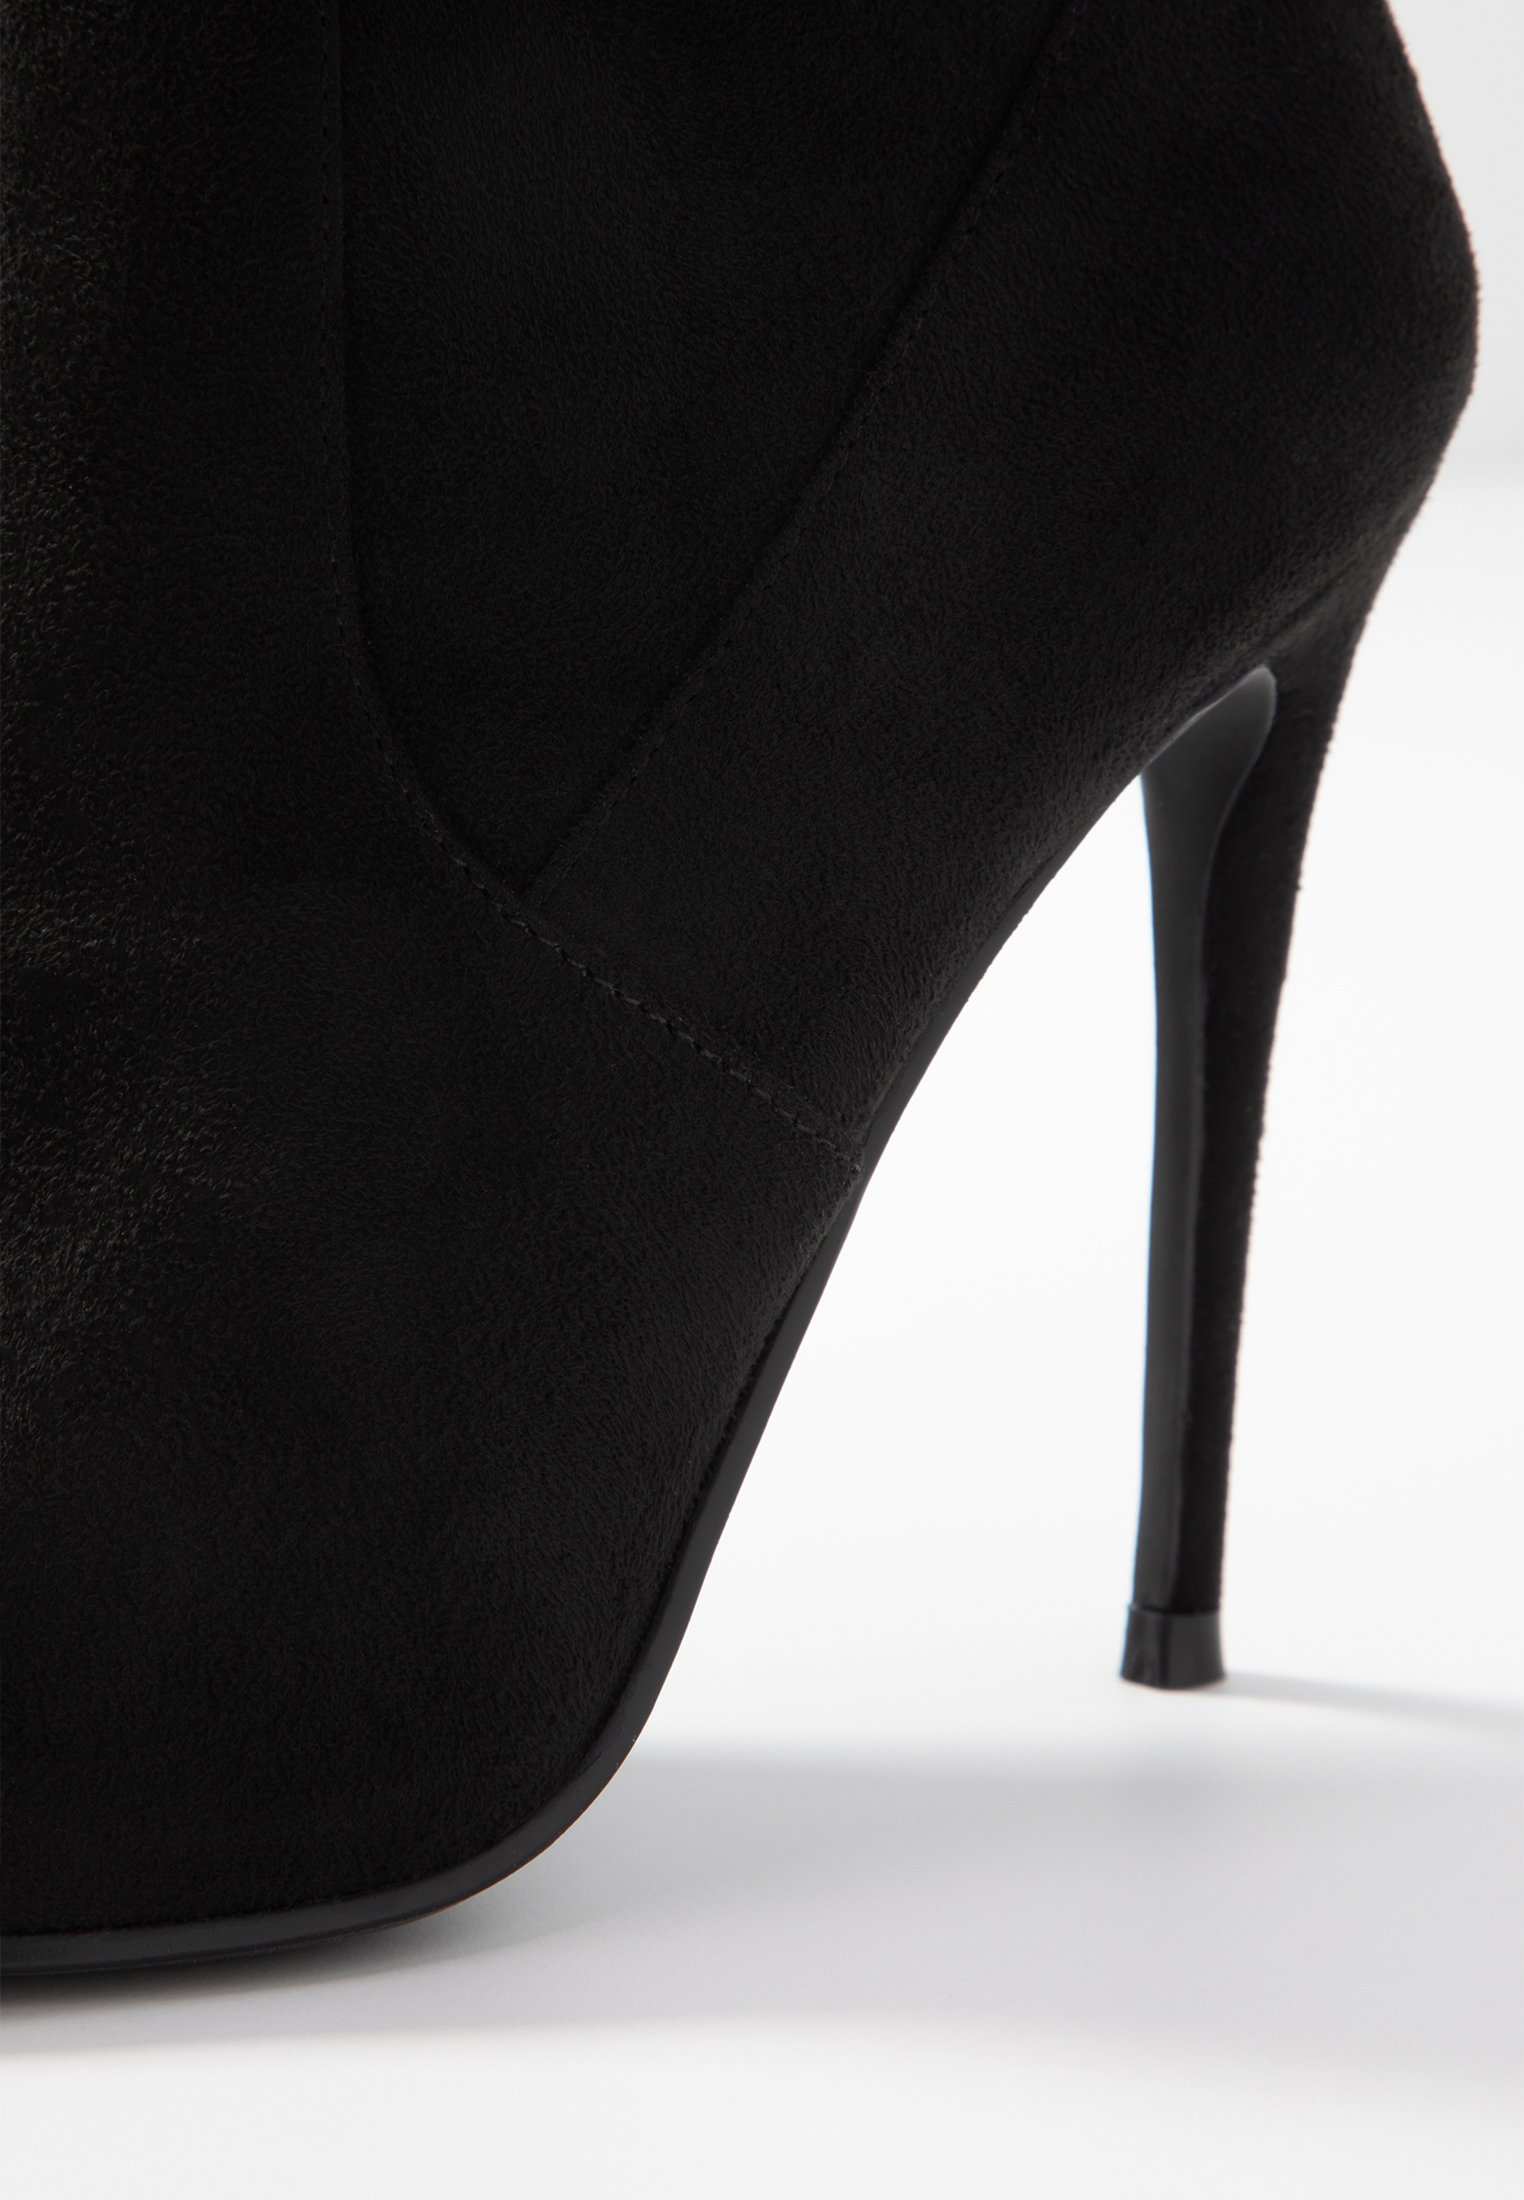 Steve Madden Dade - High Heel Stiefel Black/schwarz